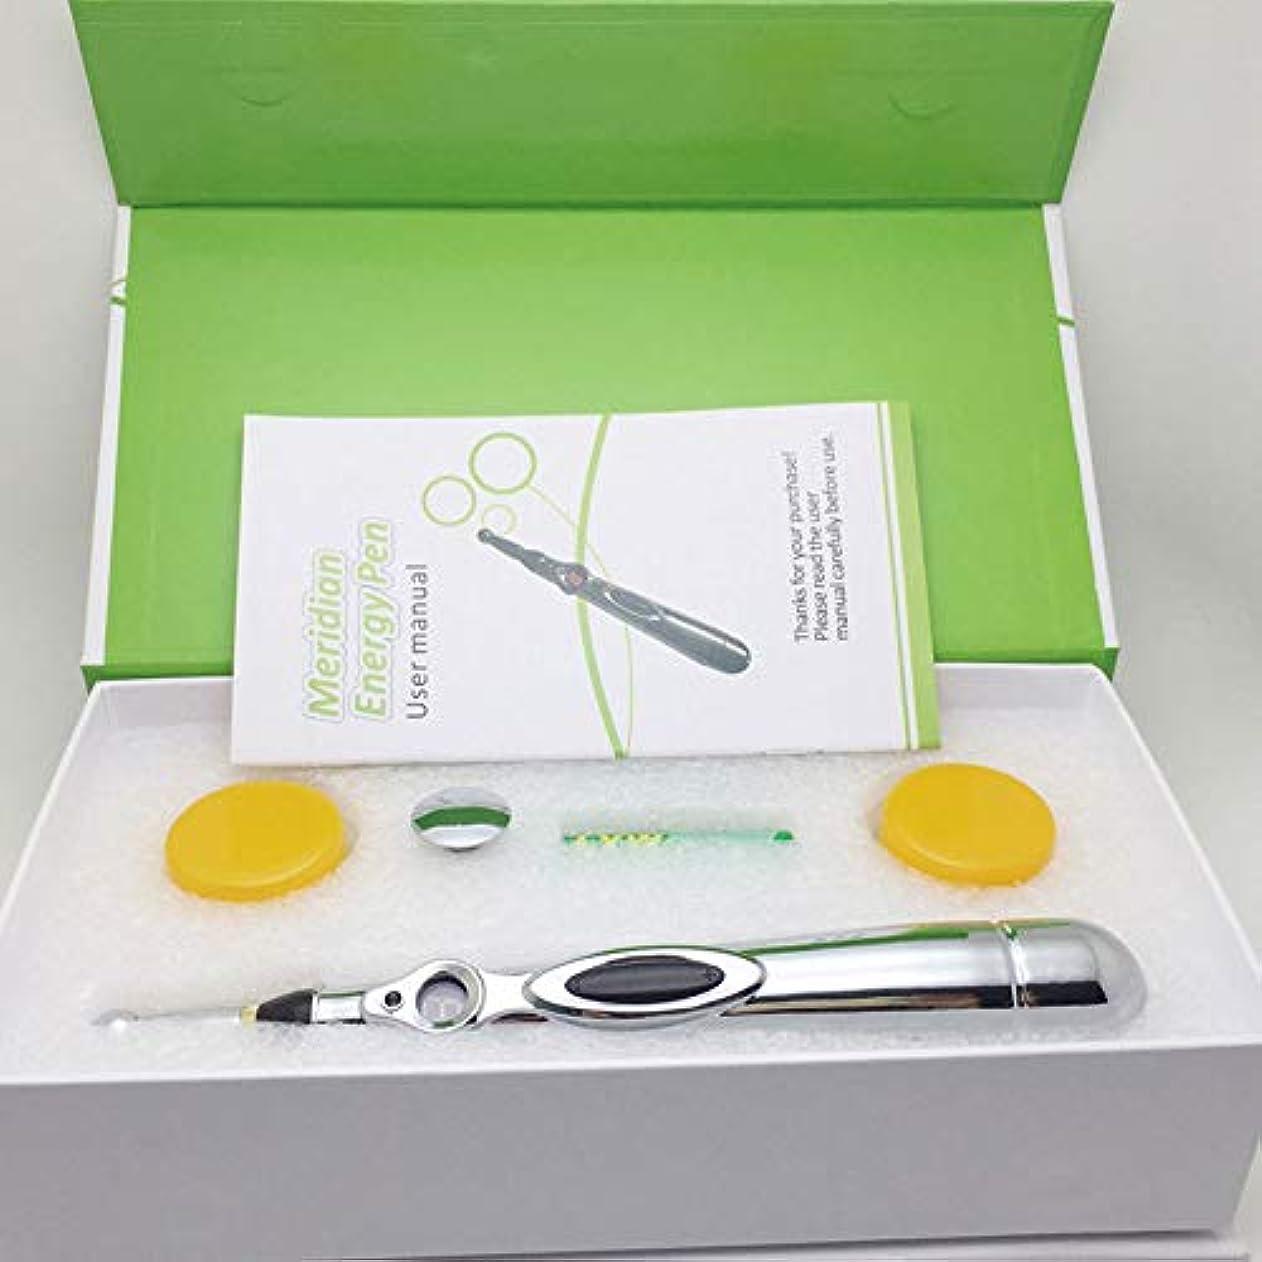 マイルアマチュアモンク循環エネルギーメリディアンペンマジックメリディアンマッサージペンメリディアンツボペン中年用品